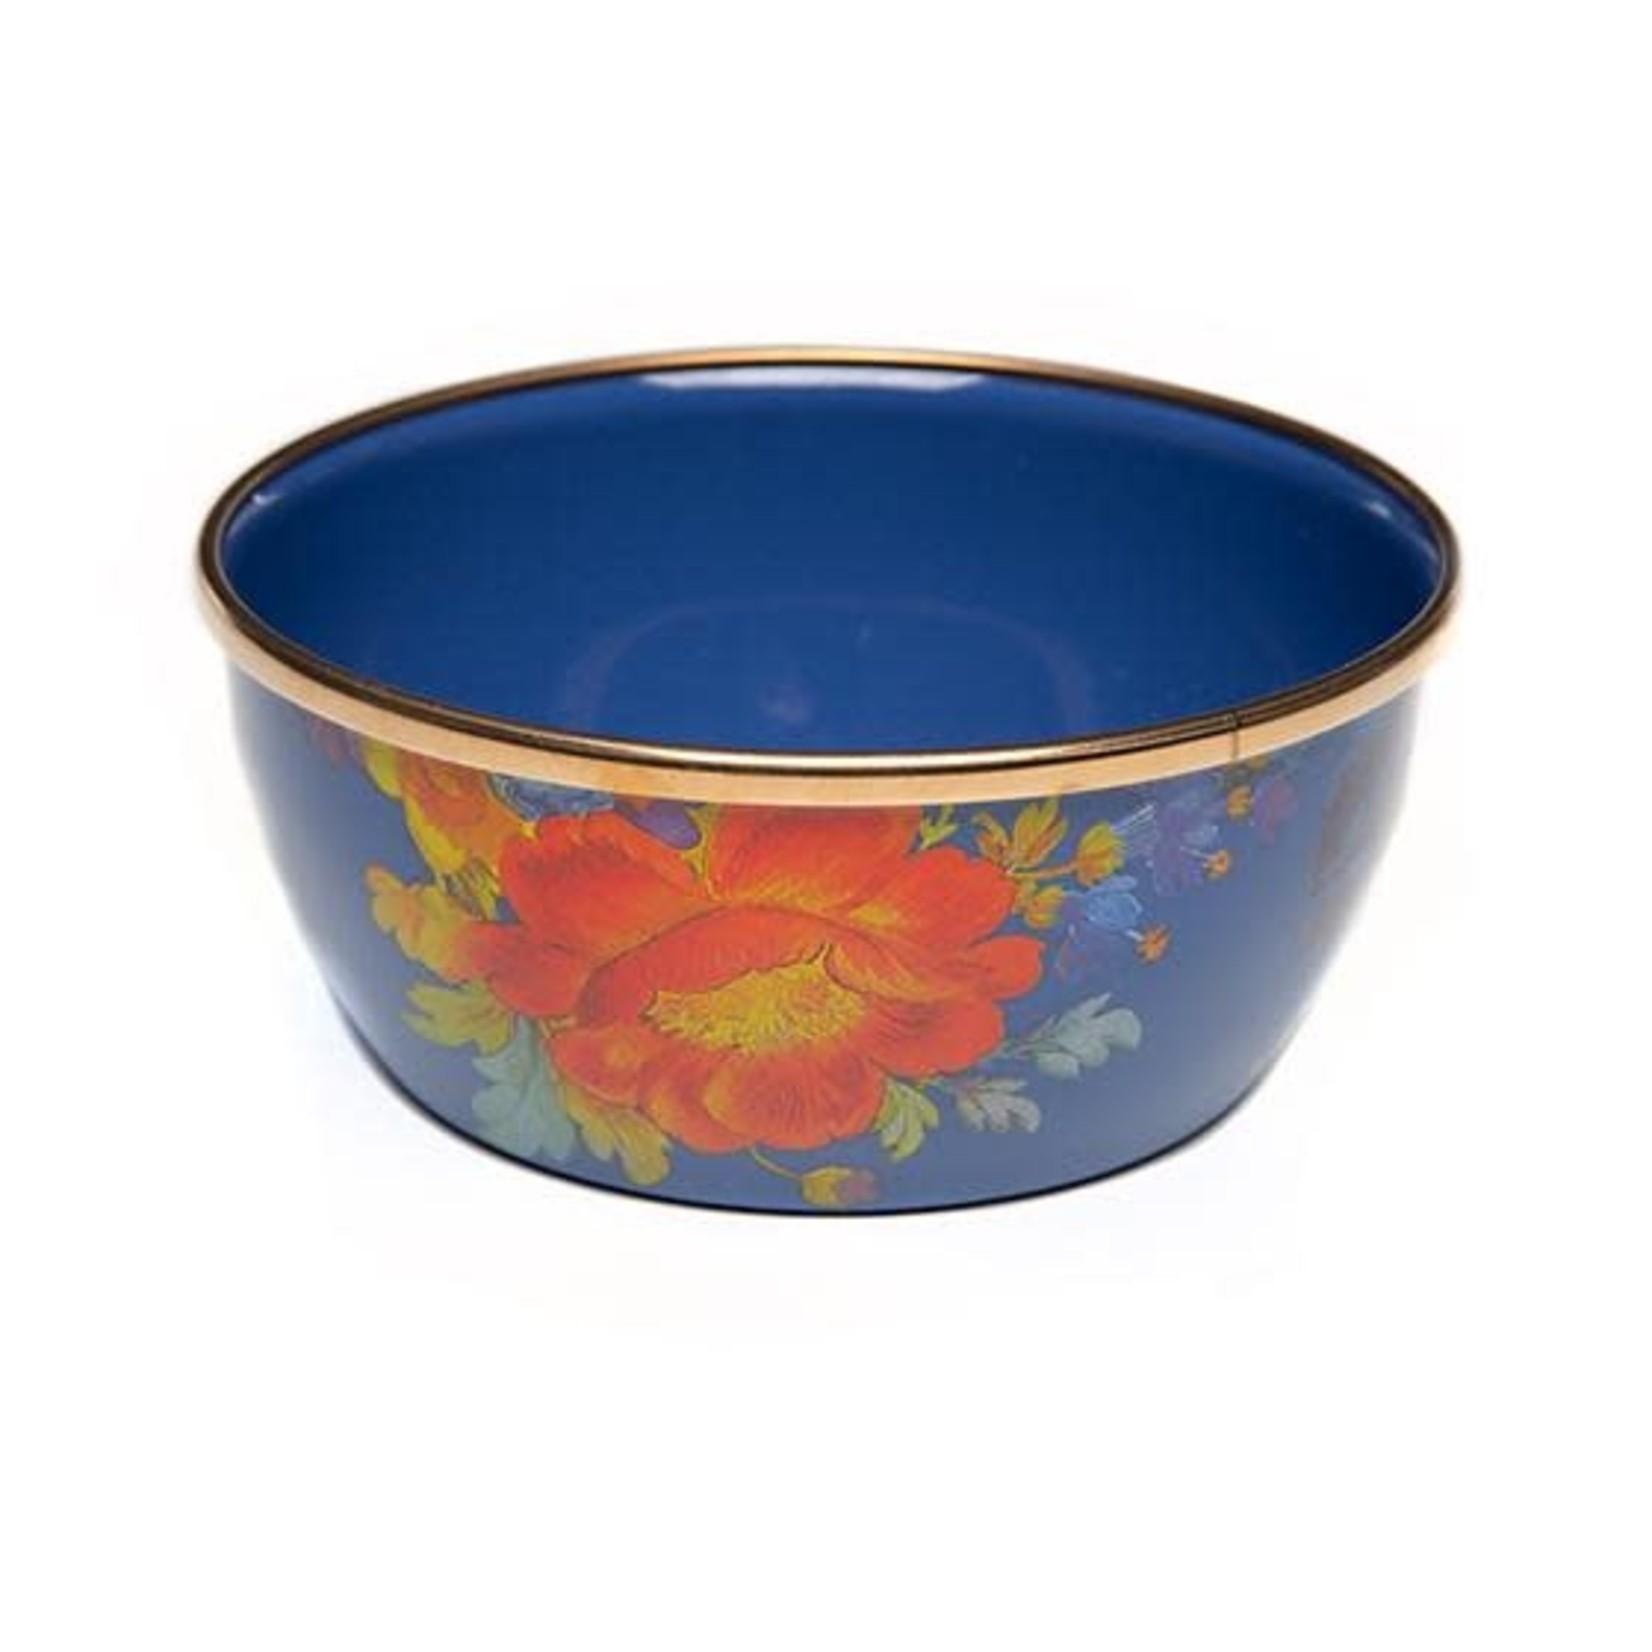 MacKenzie Childs Flower Market Pinch Bowl - Lapis